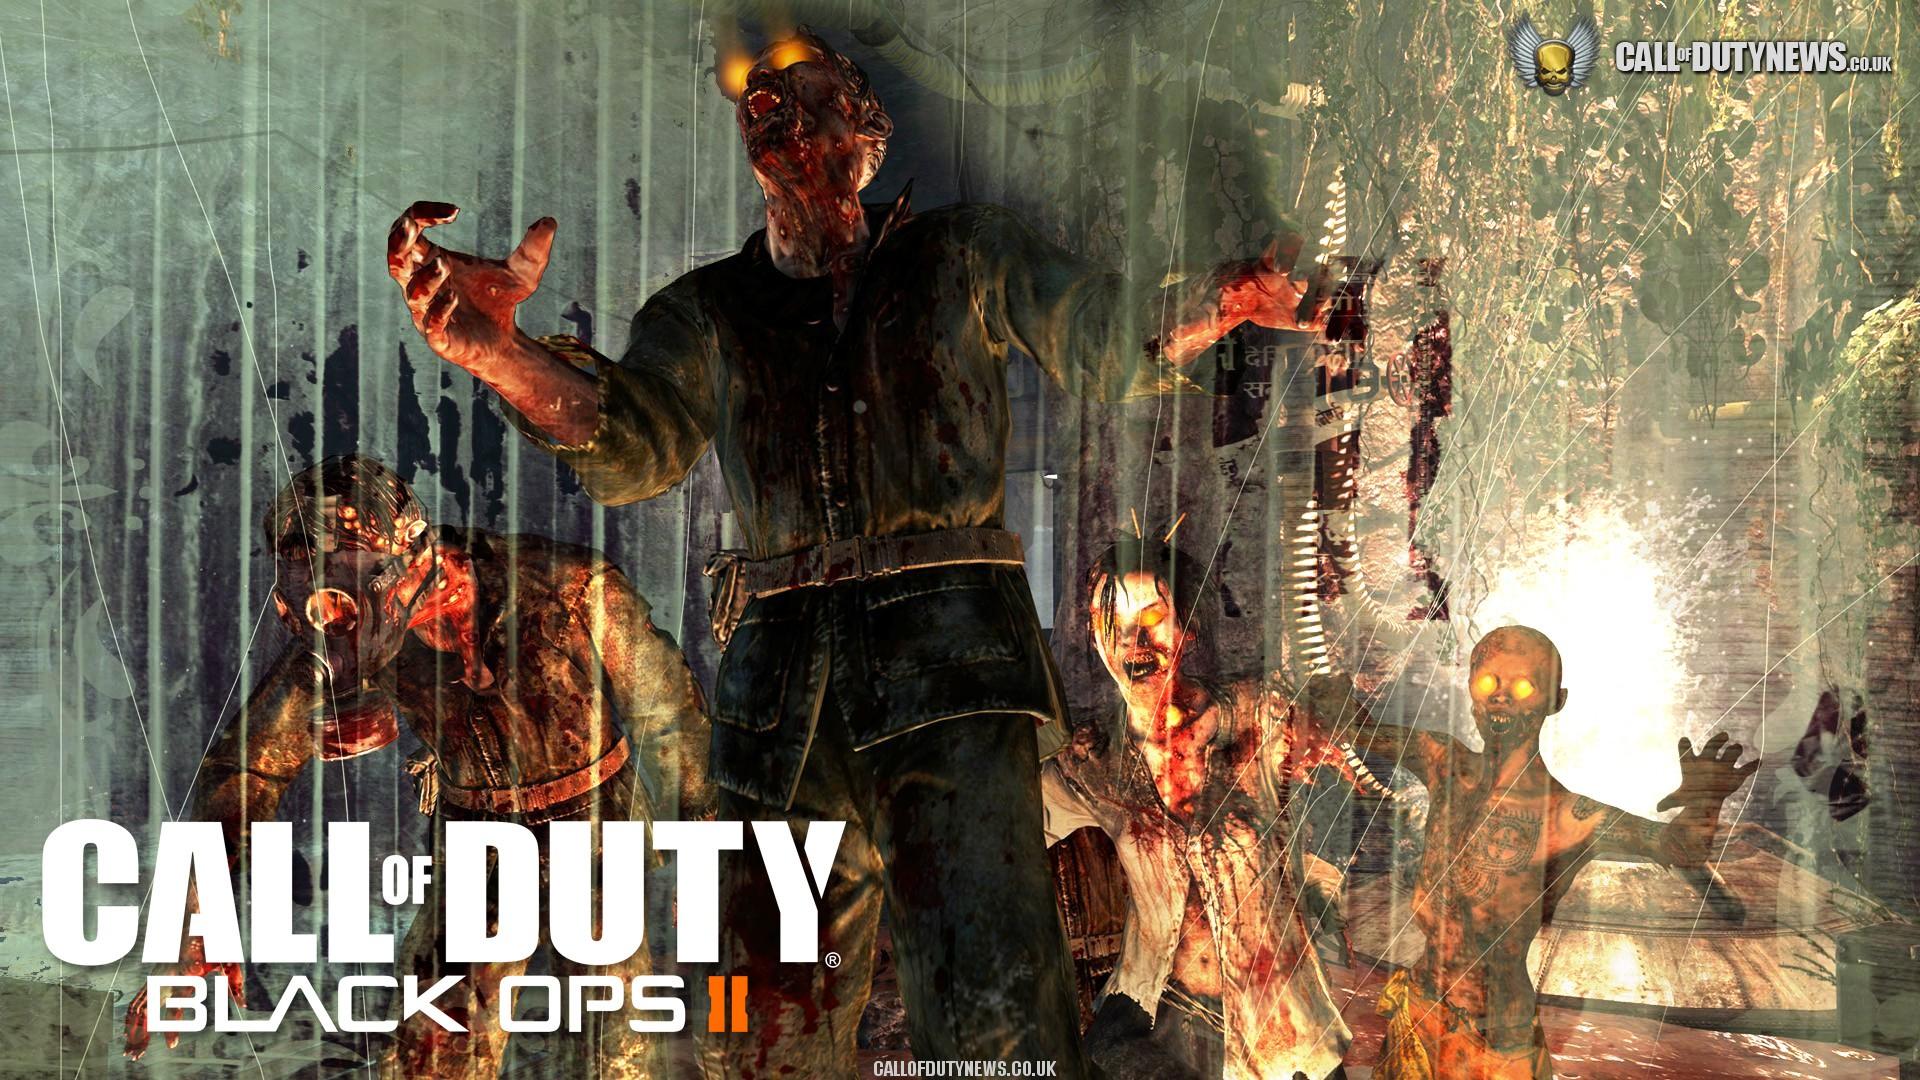 Black Ops 2 Zombies Wallpaper - WallpaperSafari